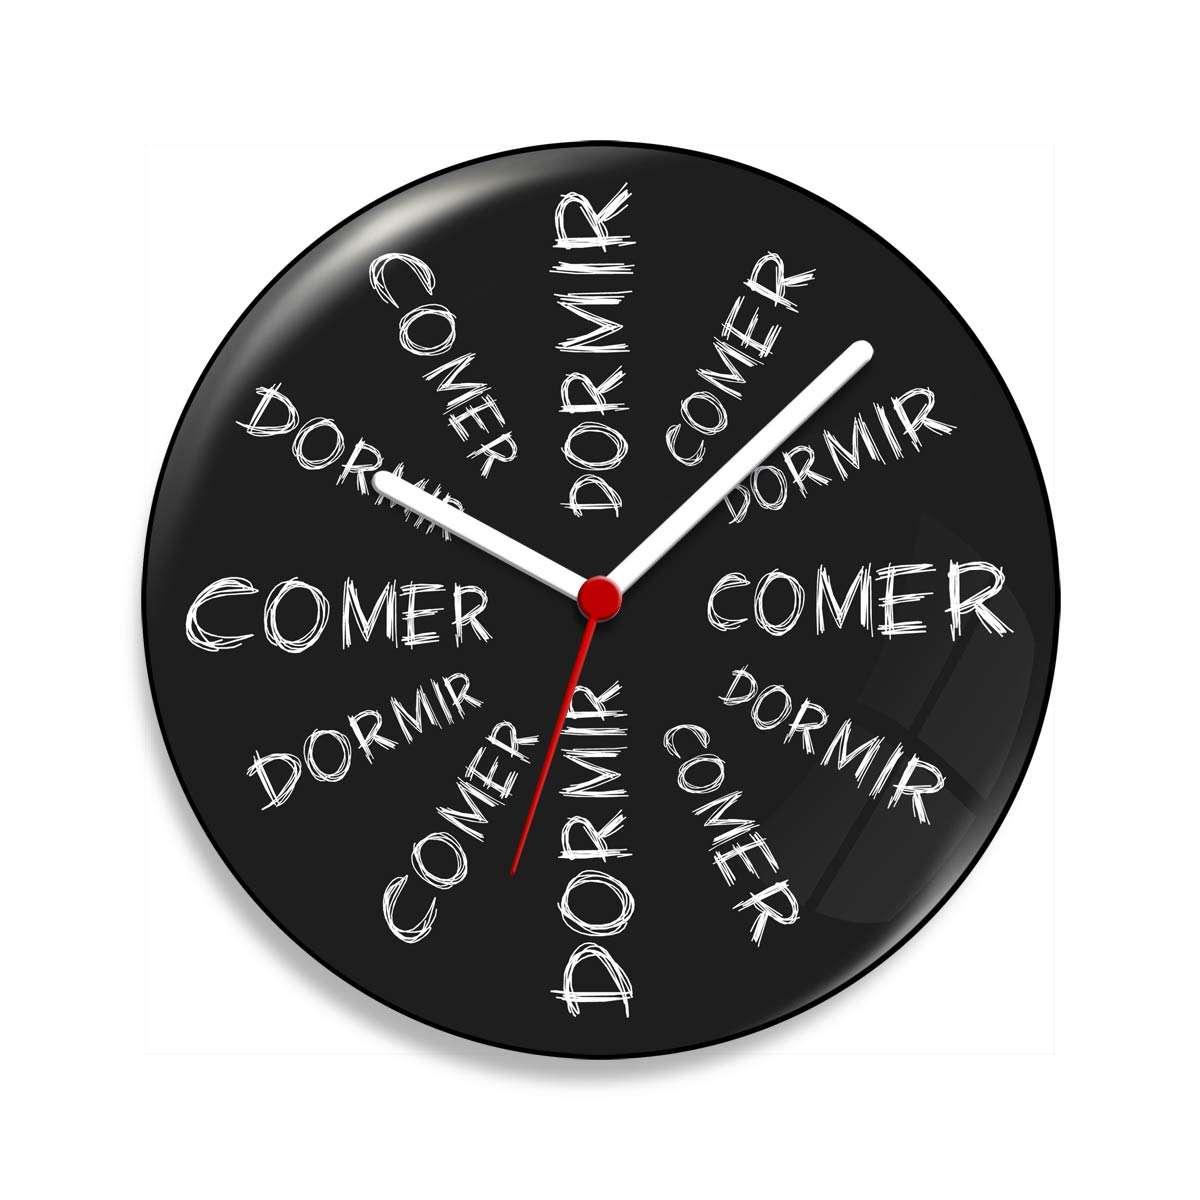 e48dc276f00 Relógio De Parede Comer Dá Sono Dormir Dá Fome - 20 Cm